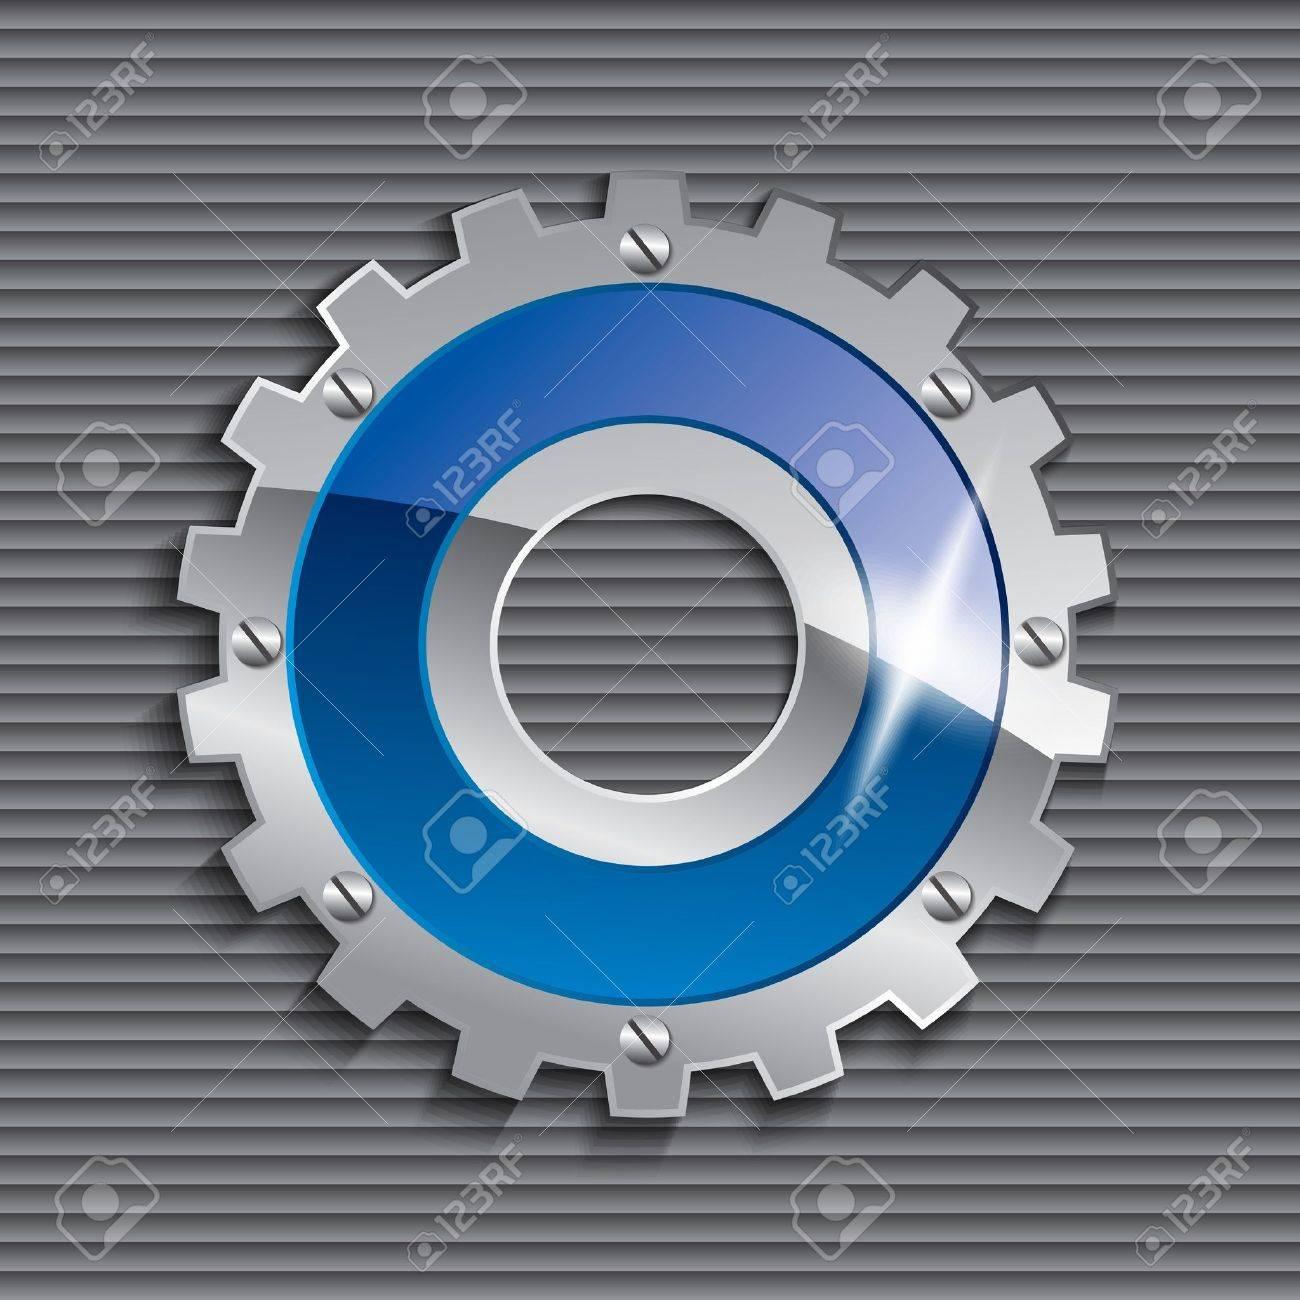 gear vector icon Stock Vector - 15656151